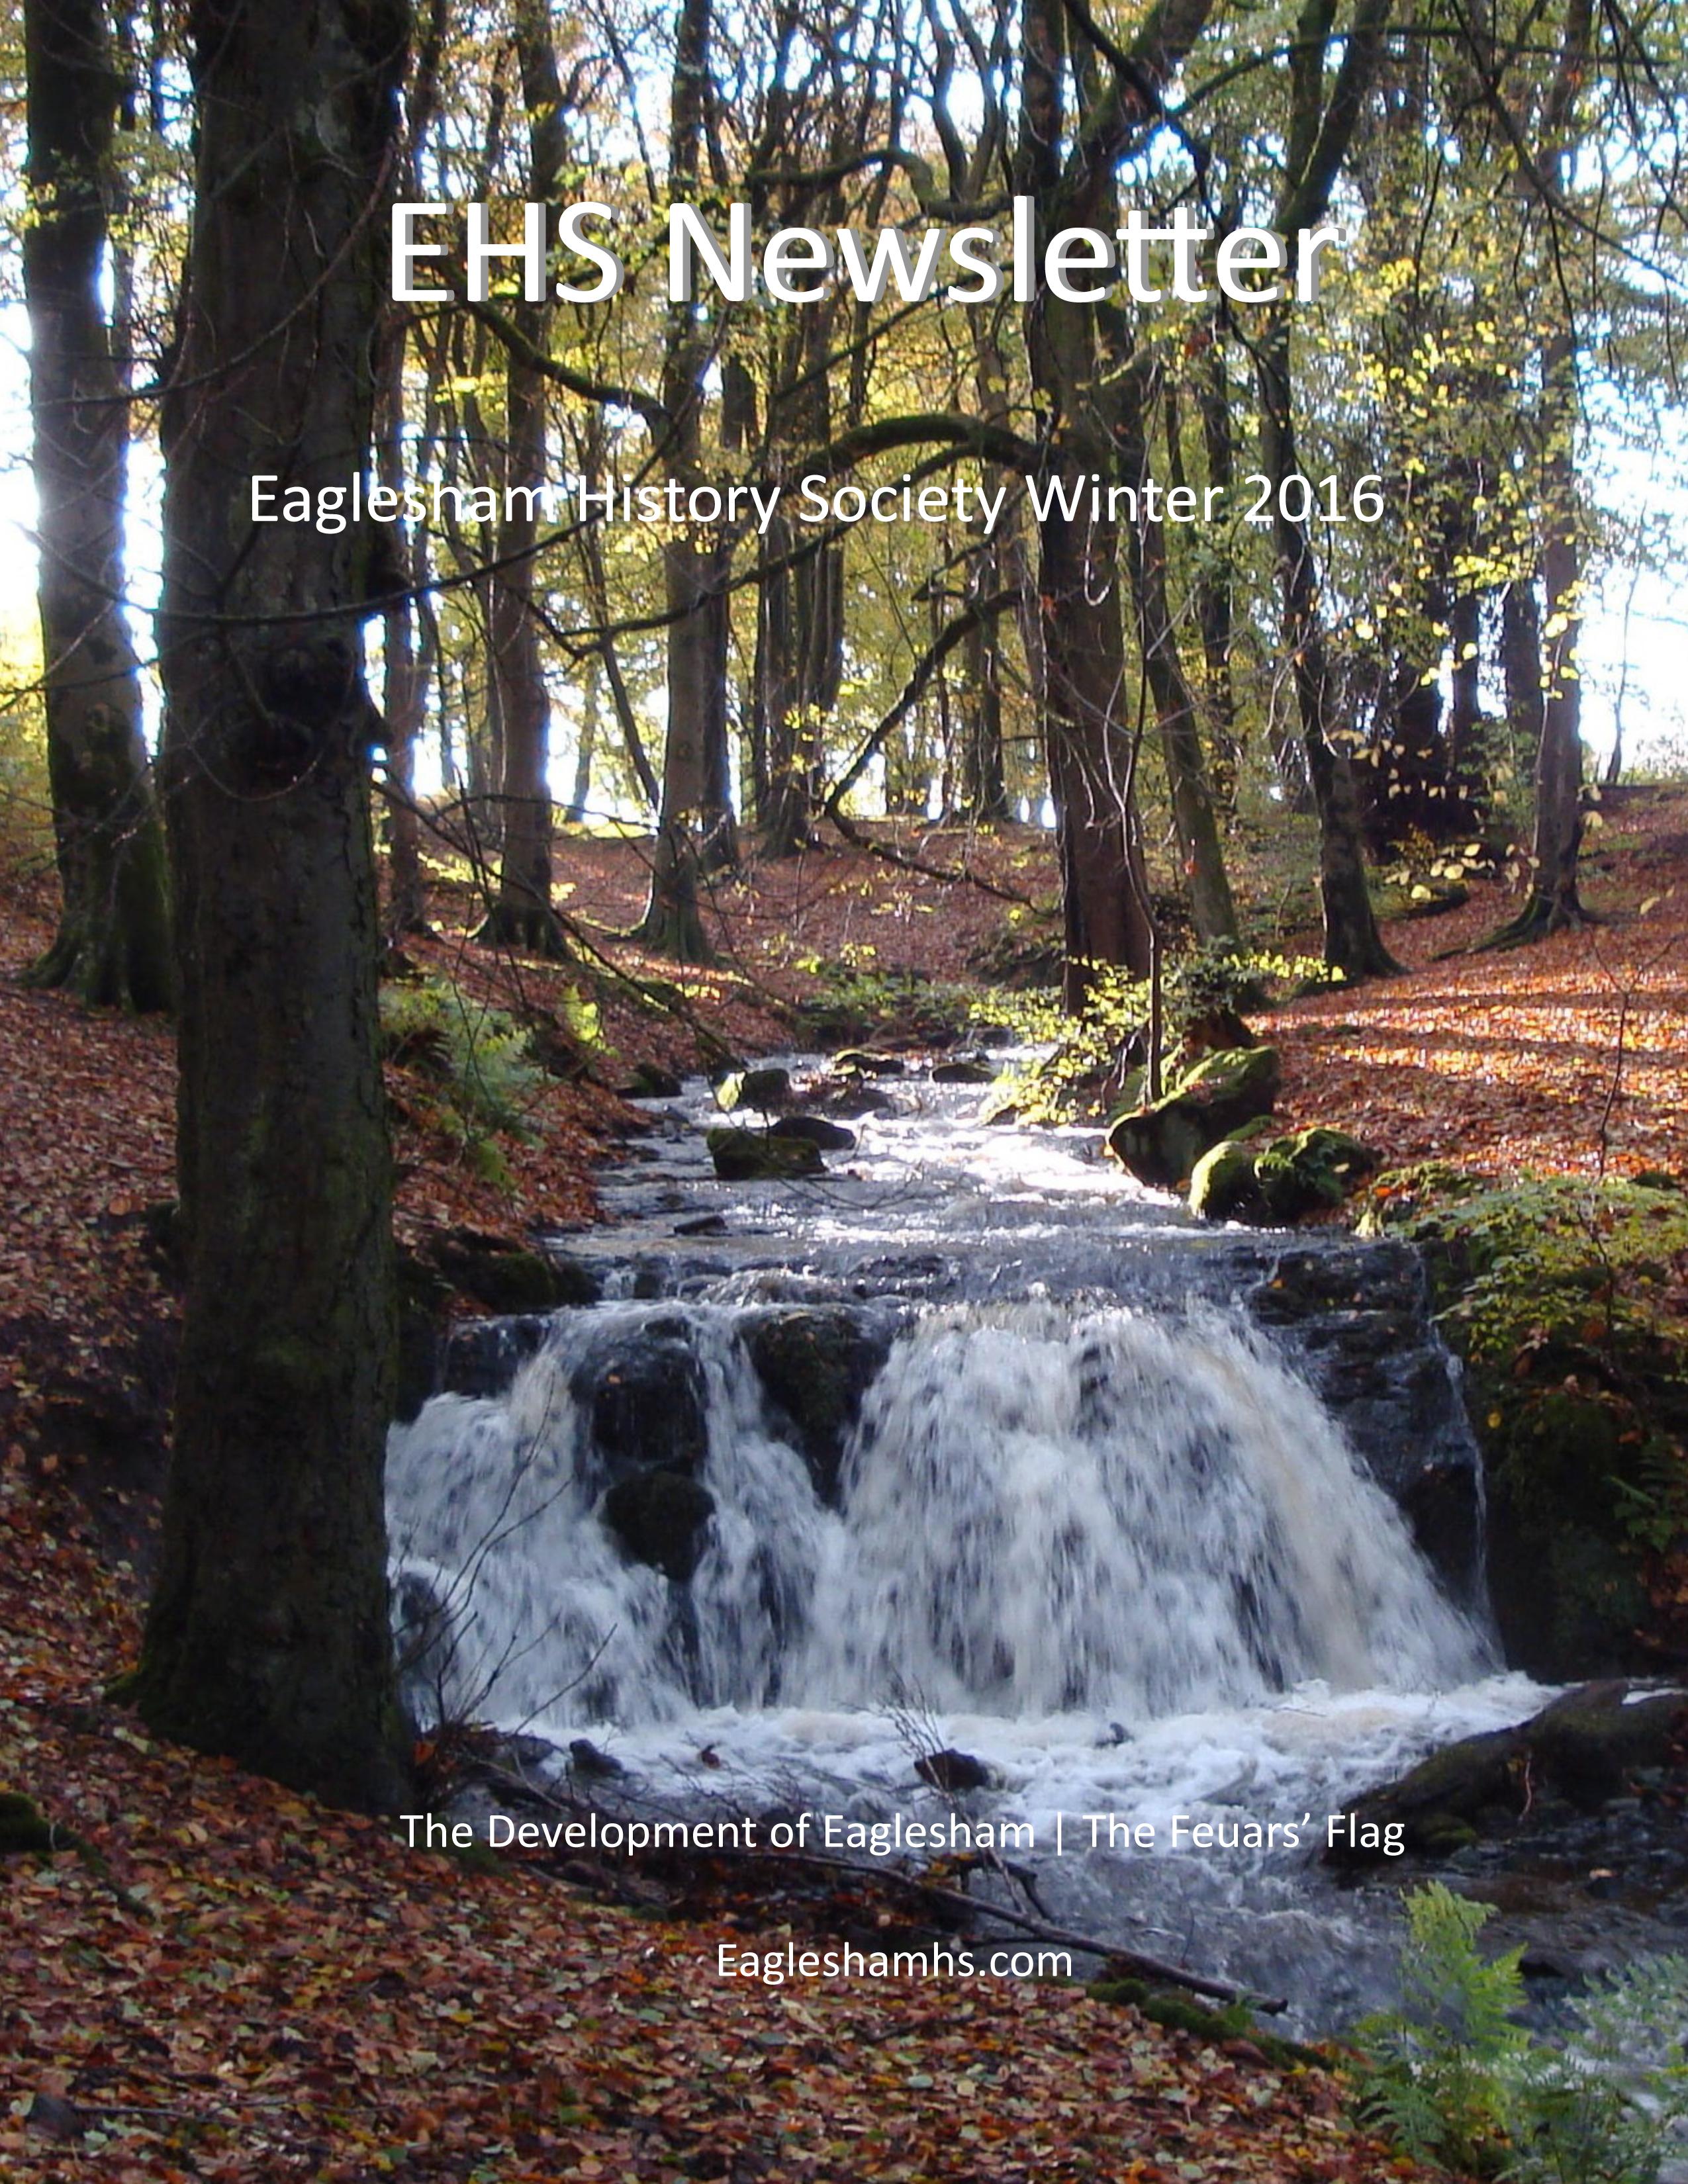 EHS Newsletter Winter 2016 P1-1